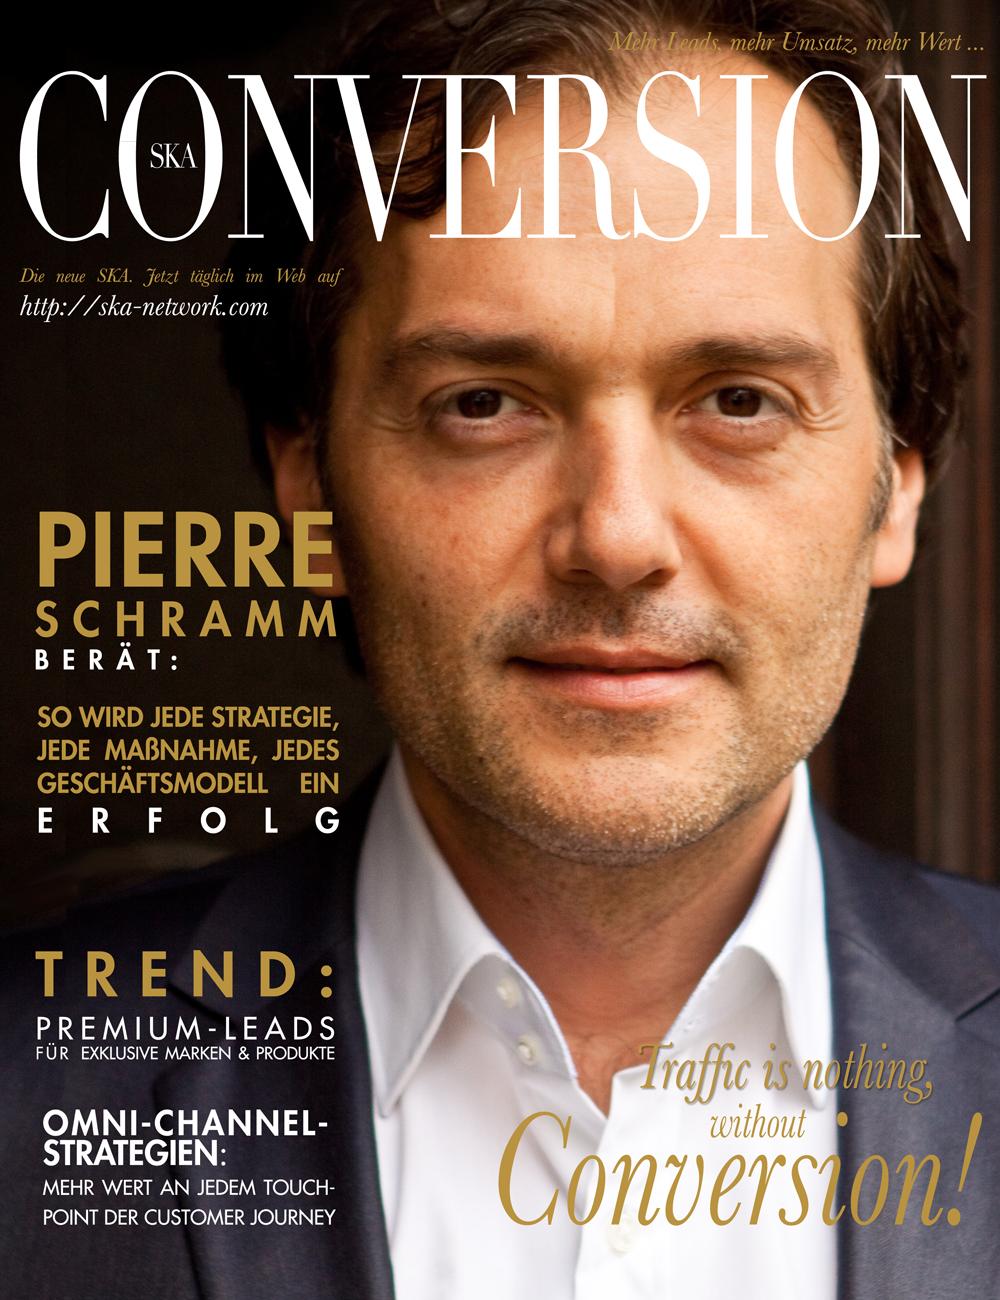 SKA Network CEO Pierre Schramm